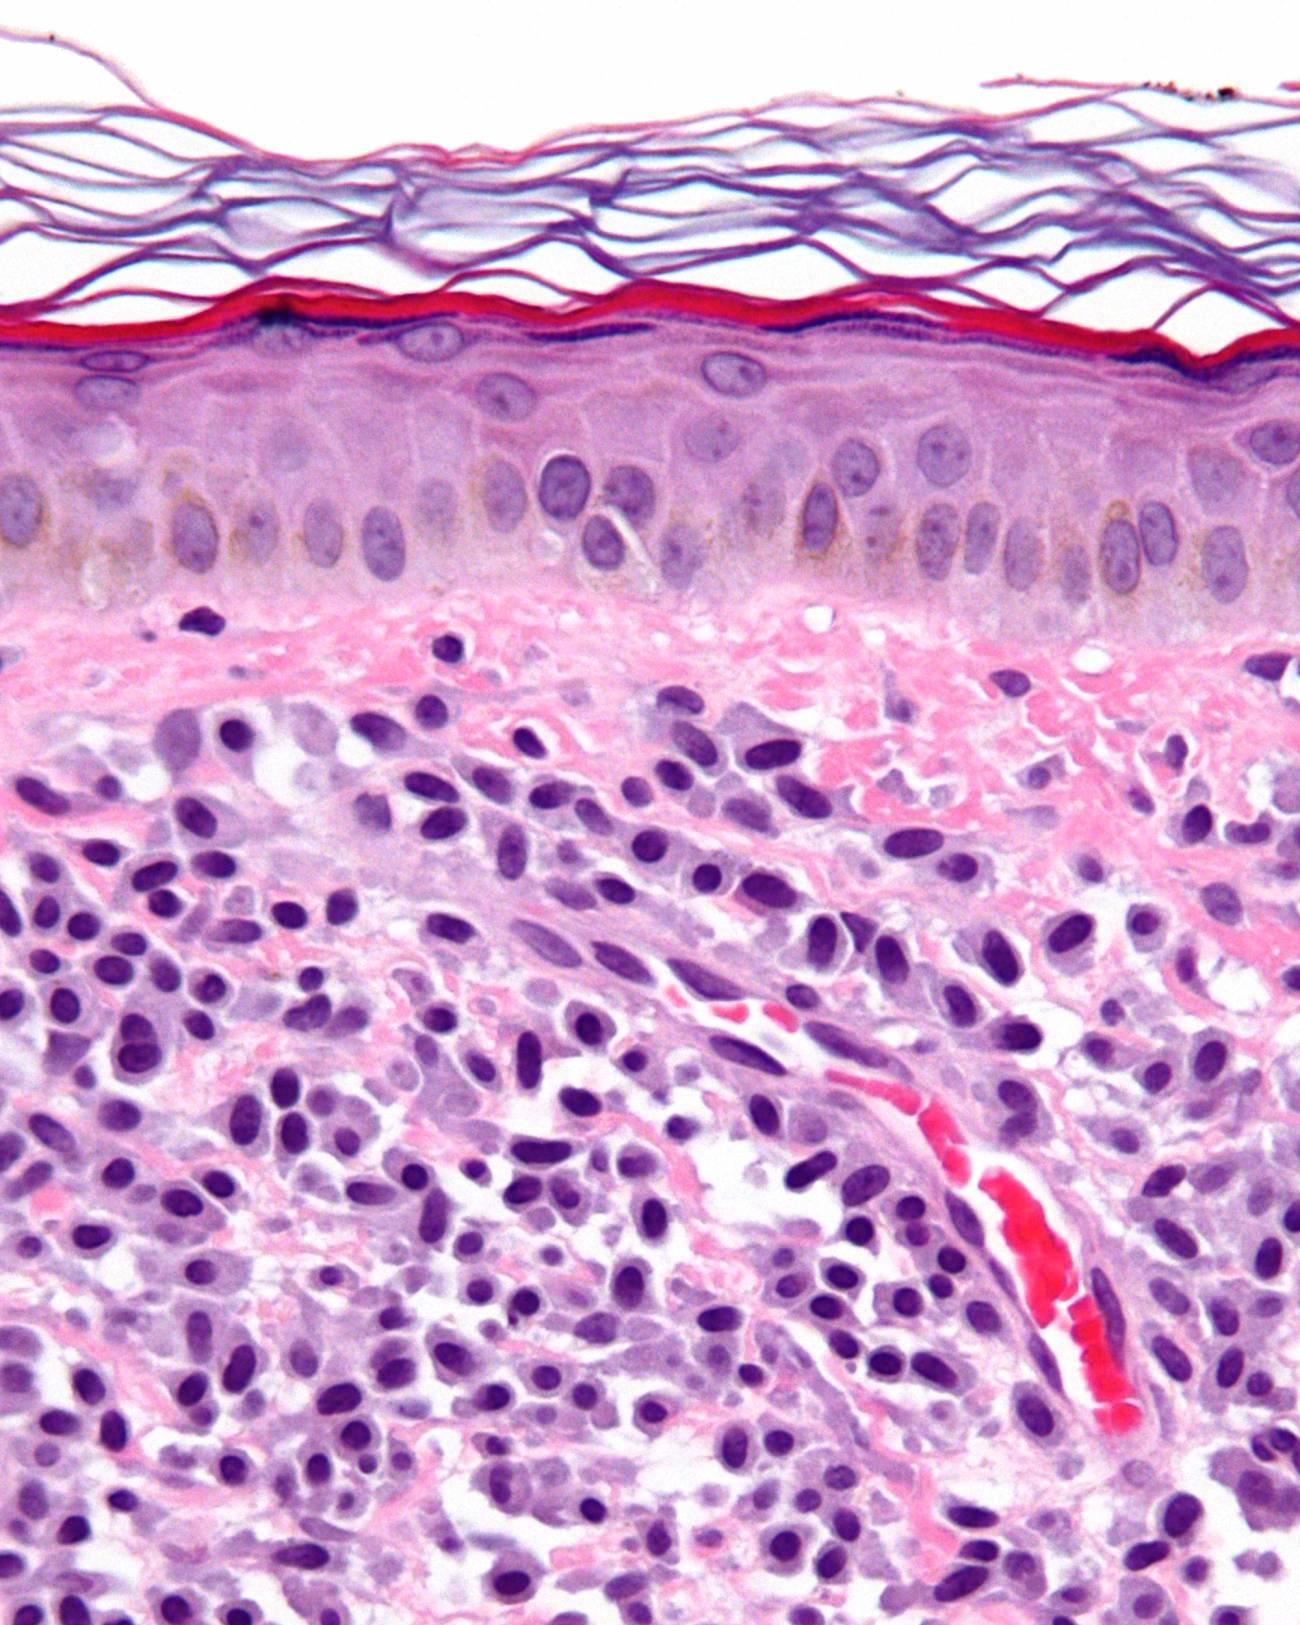 Micrografía de una mastocitosis. Biopsia de piel. Imagen: Wikipedia